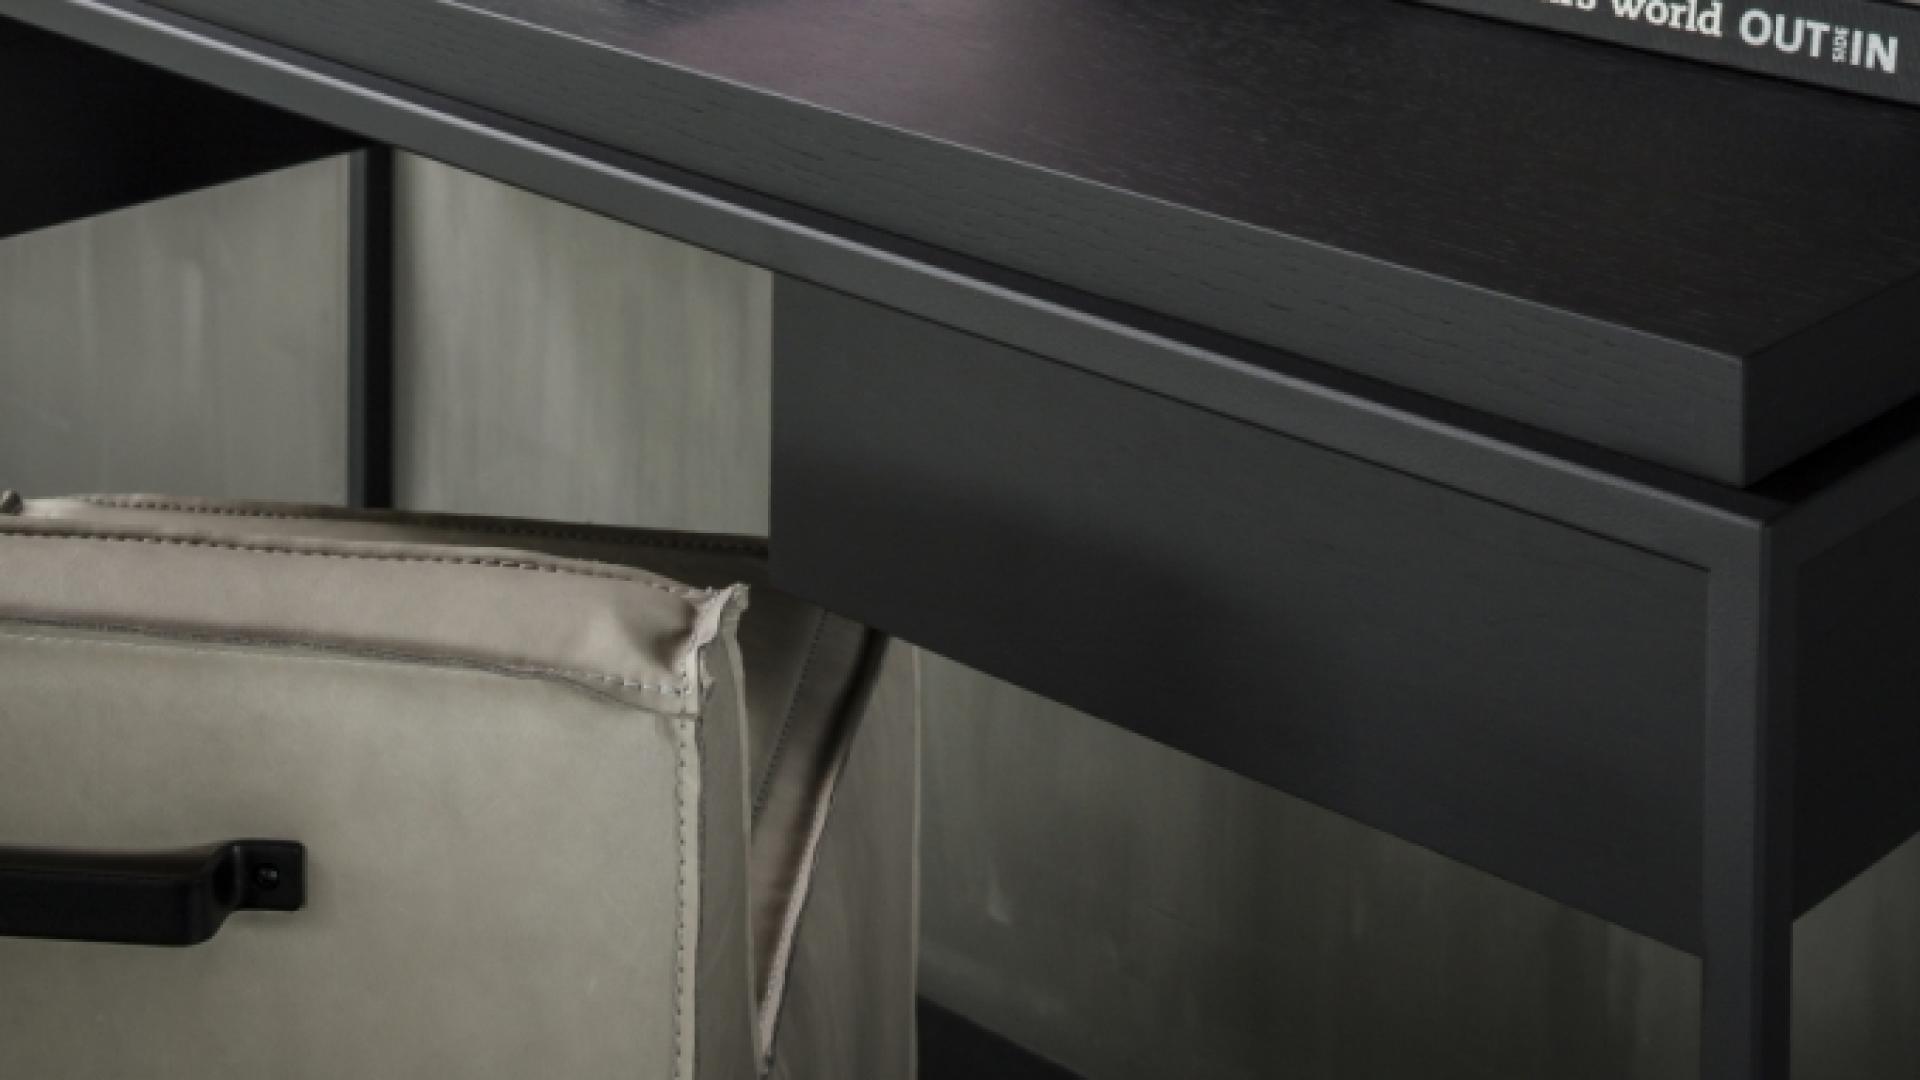 Nilson_Beds_Menton_desk_detail.jpg